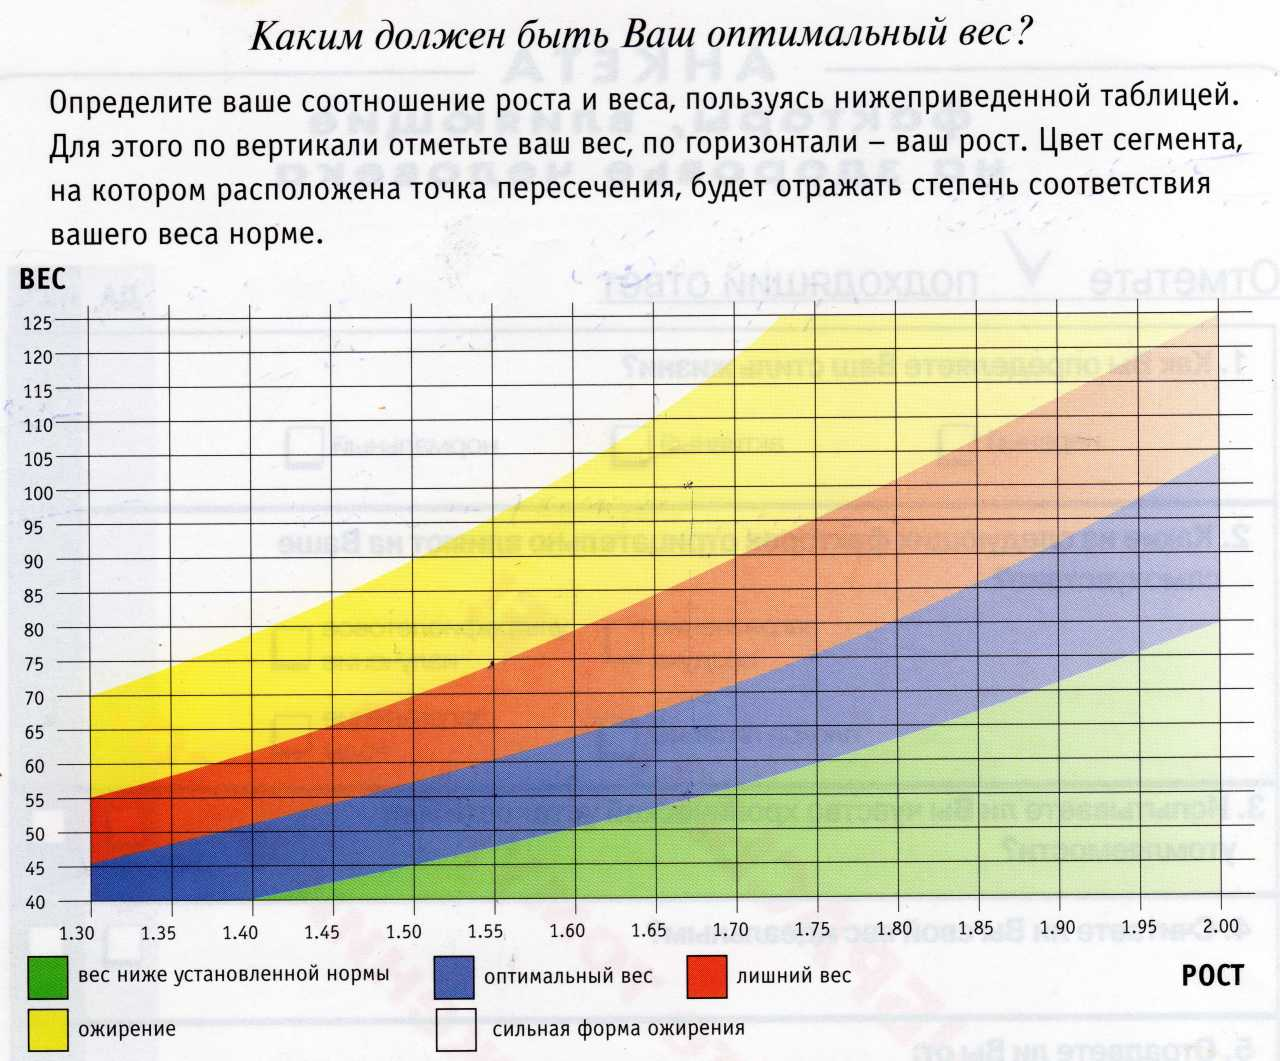 Скорость Оптимального Похудения. Формула скорости похудения